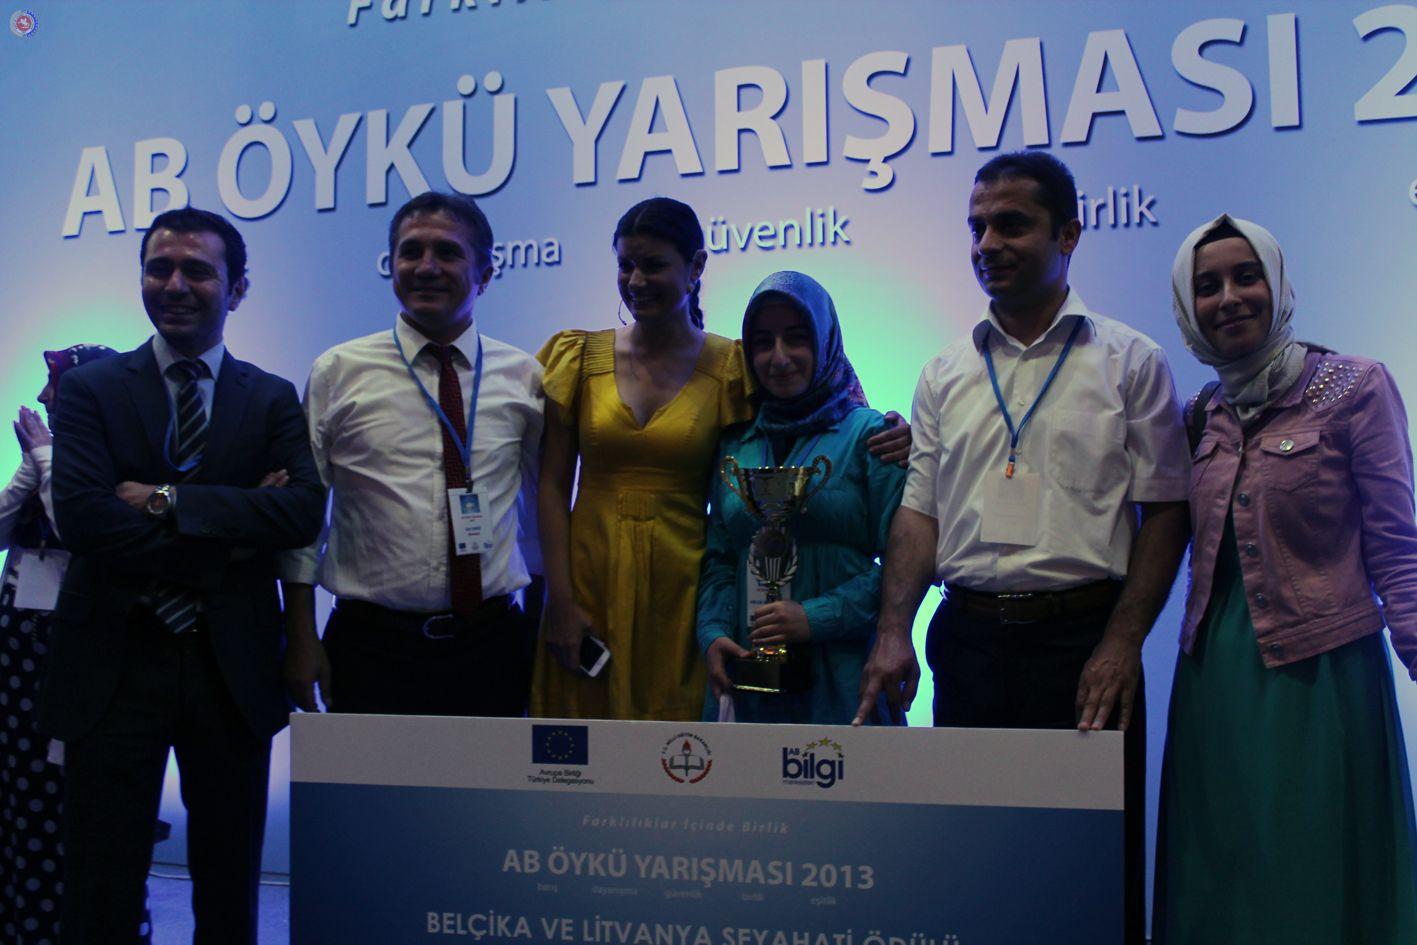 Avrupa Birliği Öykü Yarışması 2013 57